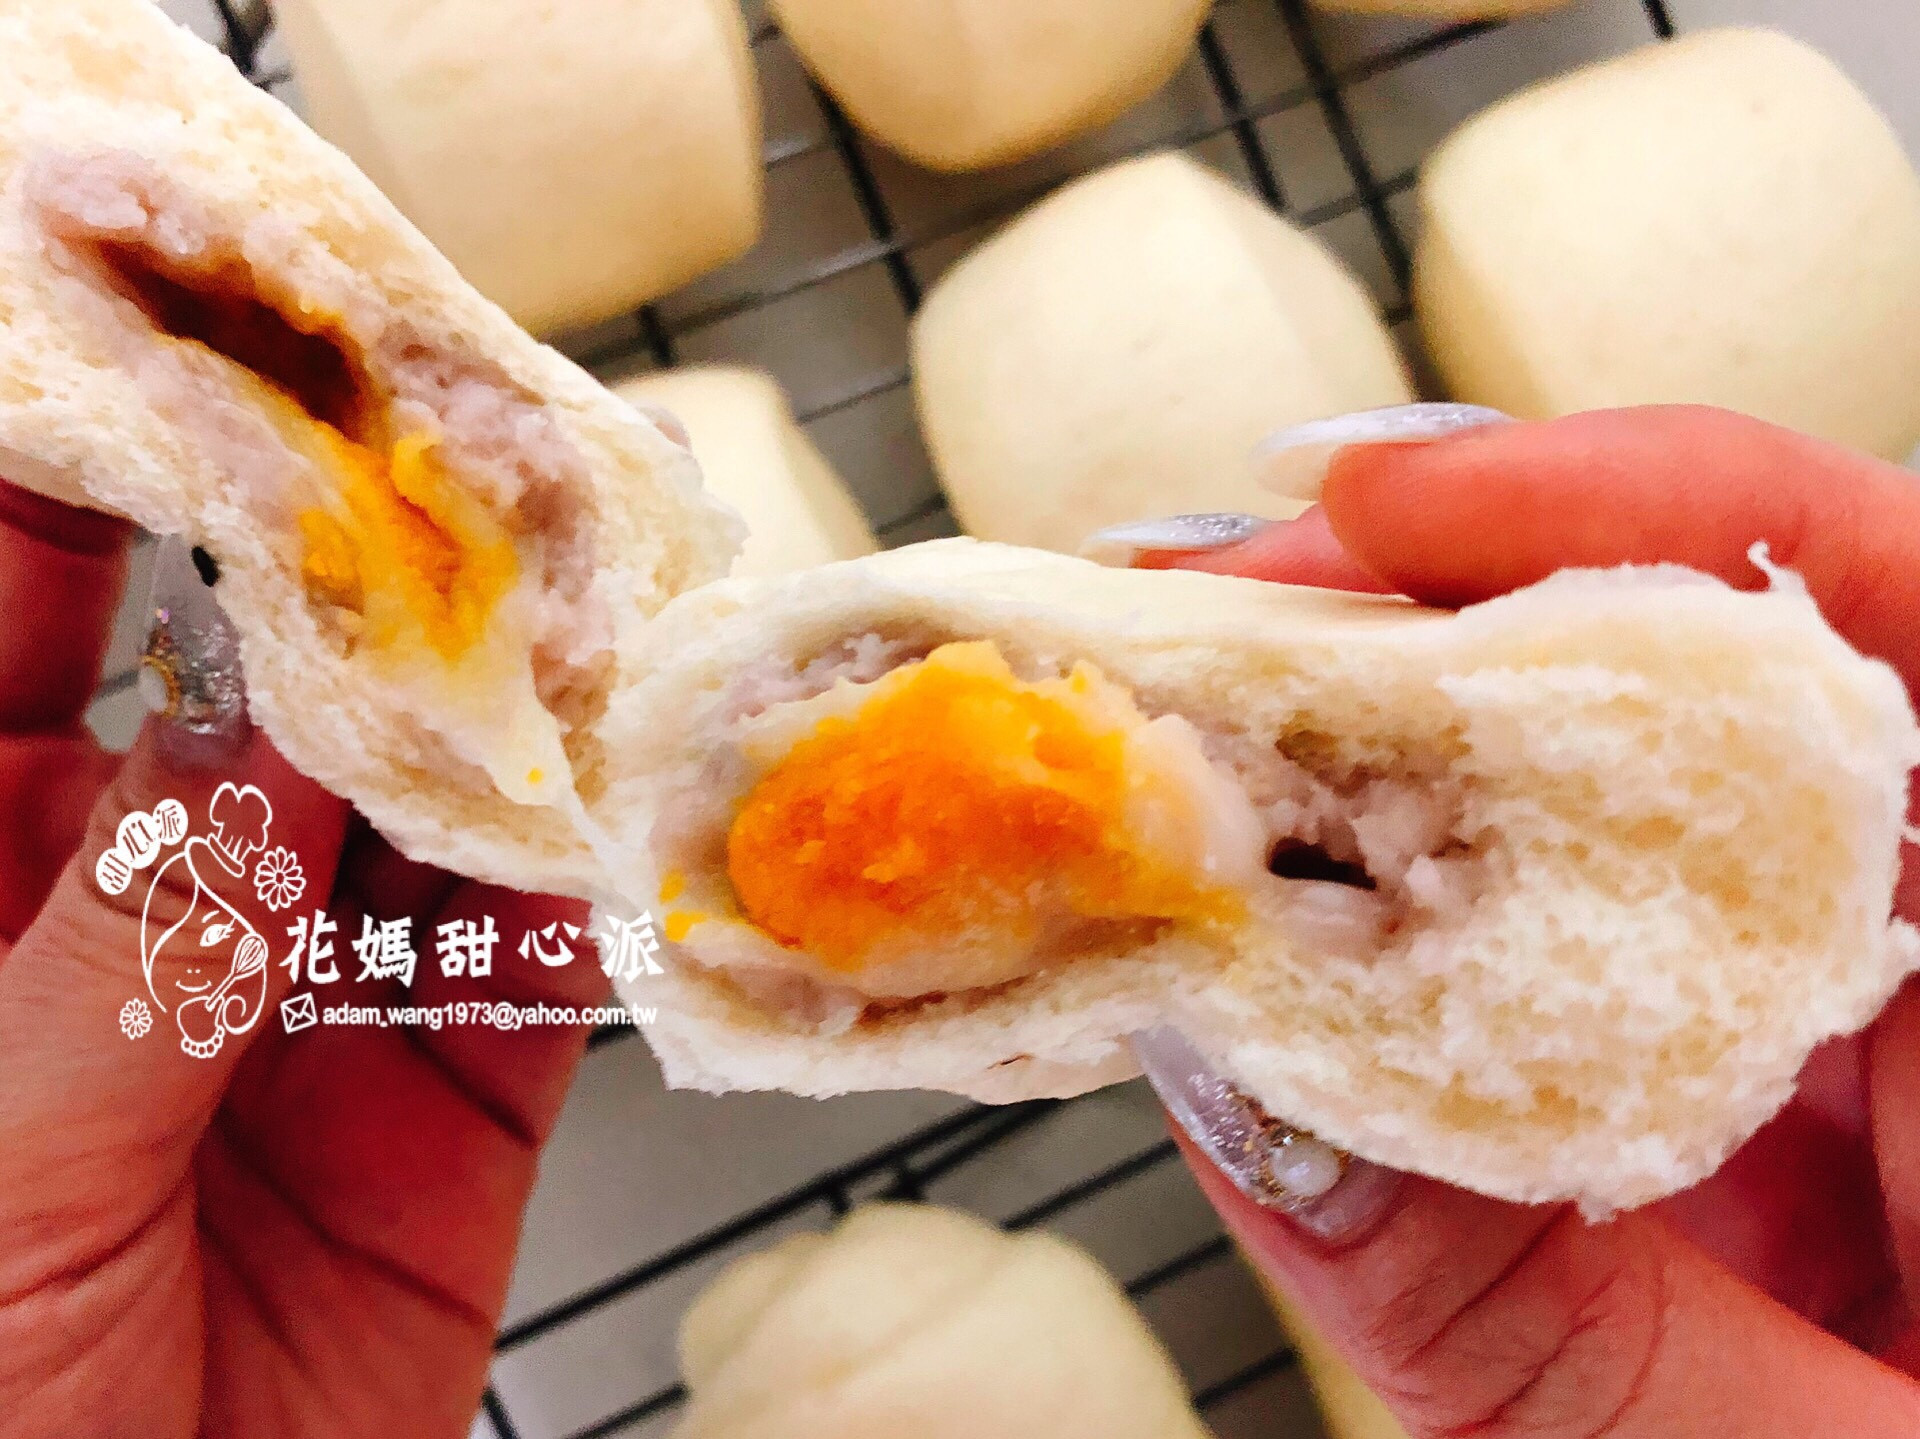 芋泥起士包(中麵料理)